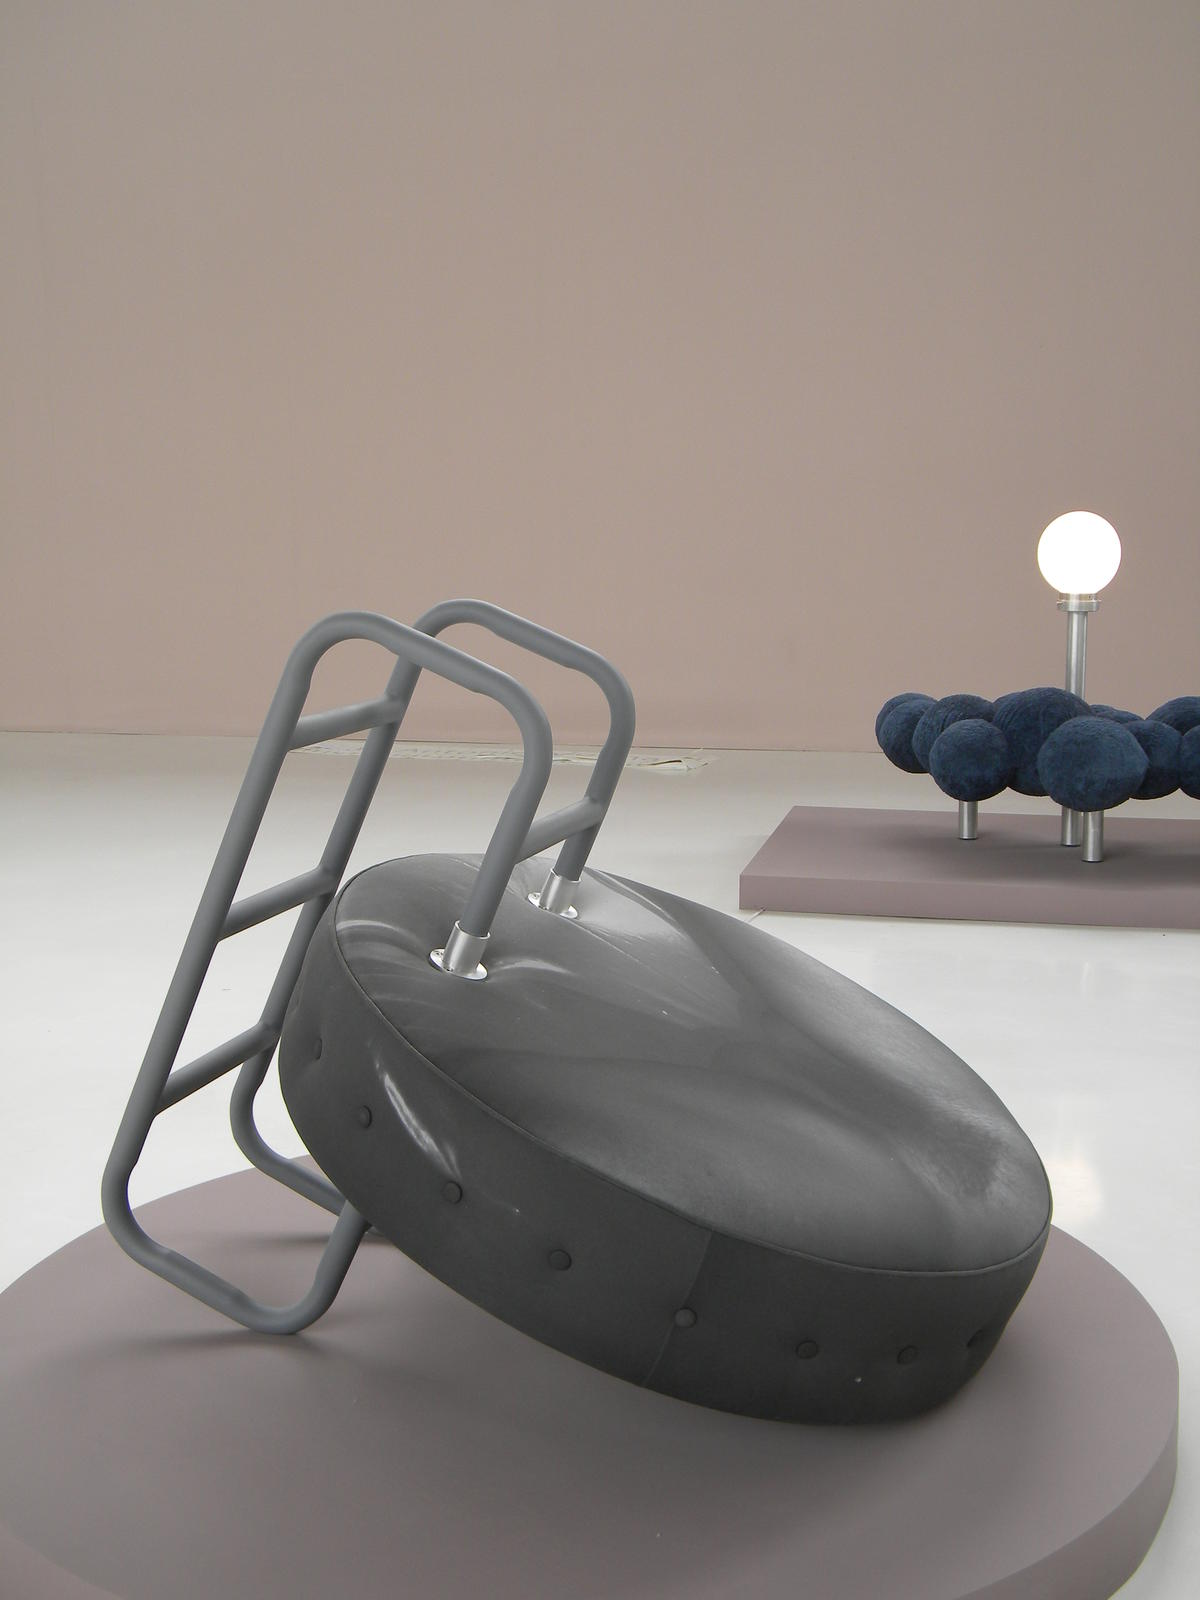 El origen del mundo. 2007. Madera, tela y metal. 120 x 100 x 130 cm.